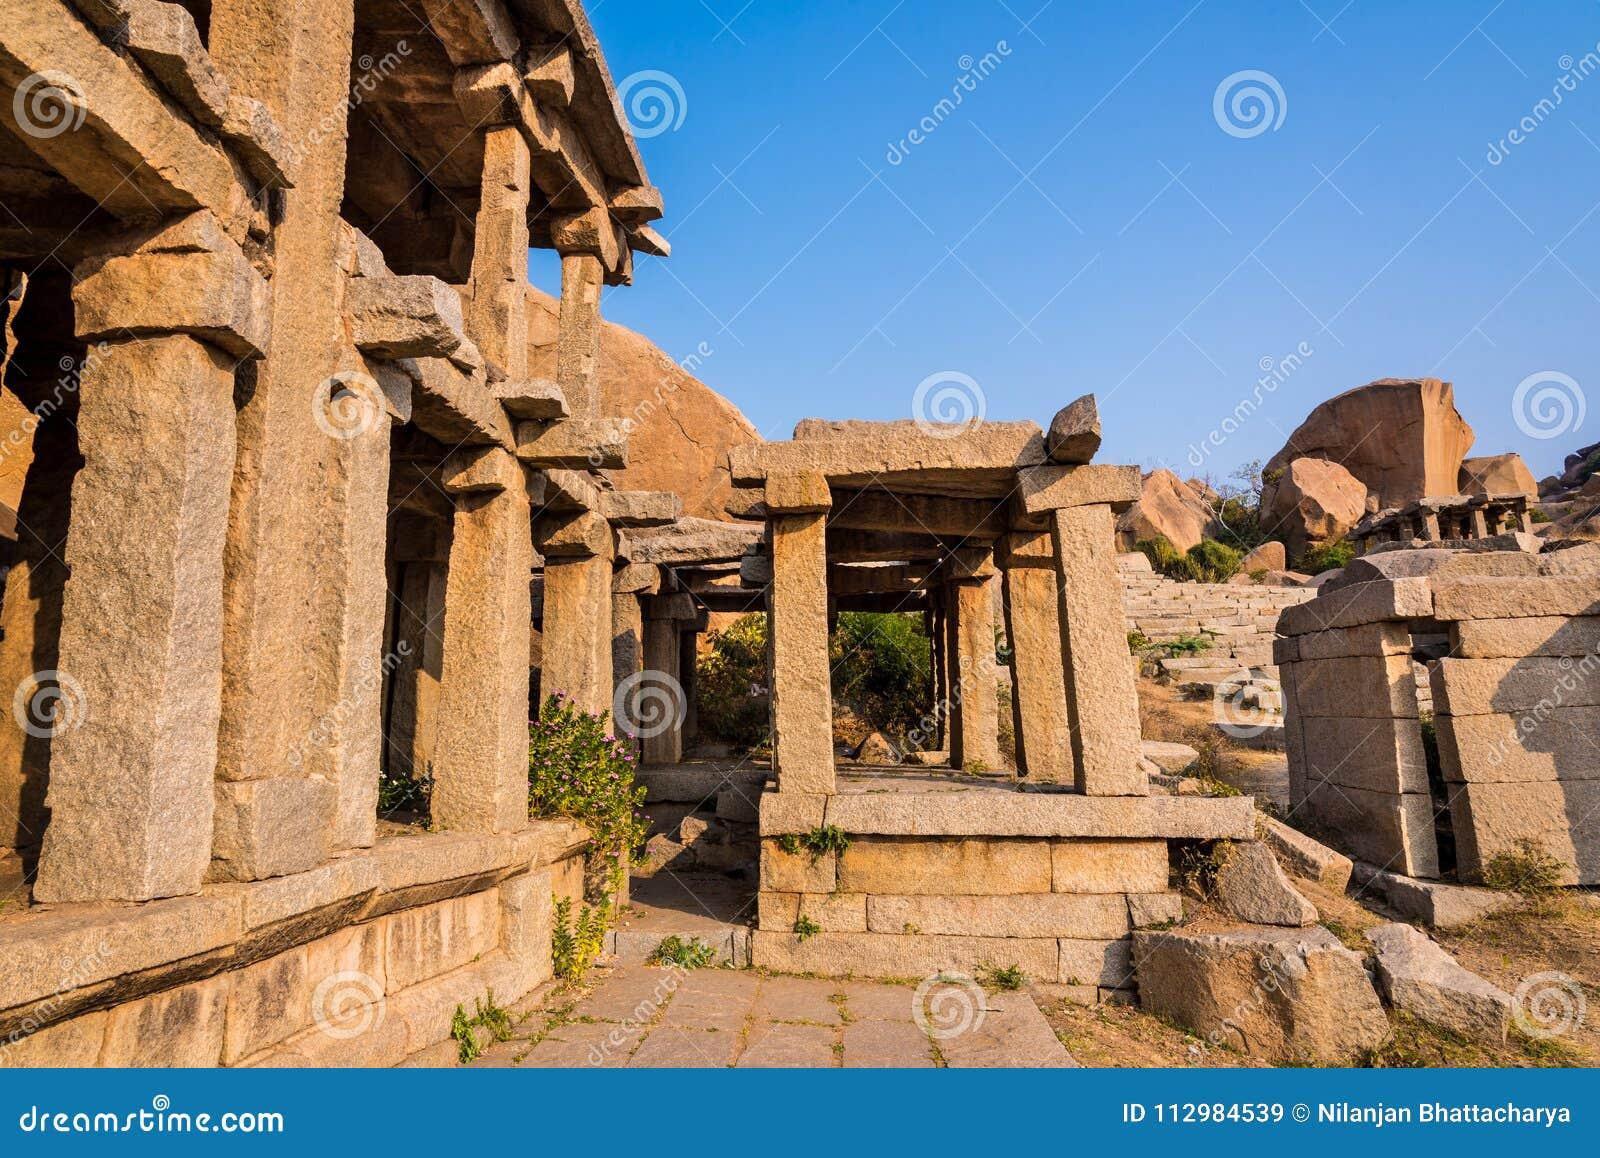 Historic ruins of Hampi